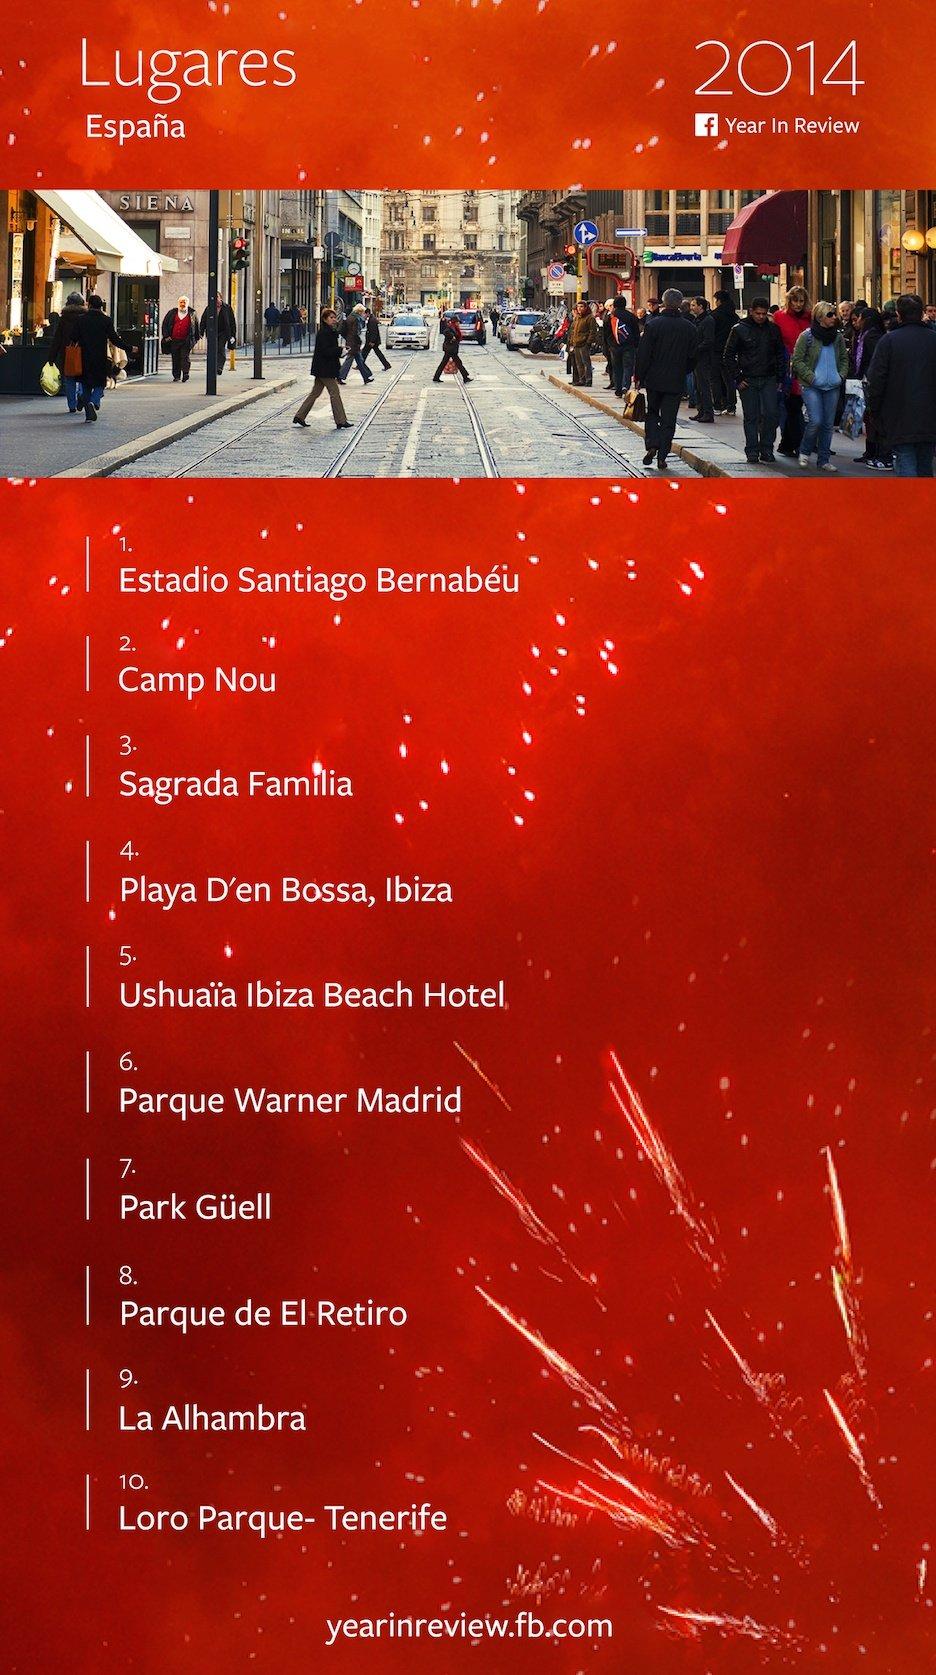 Lugares más visitados España